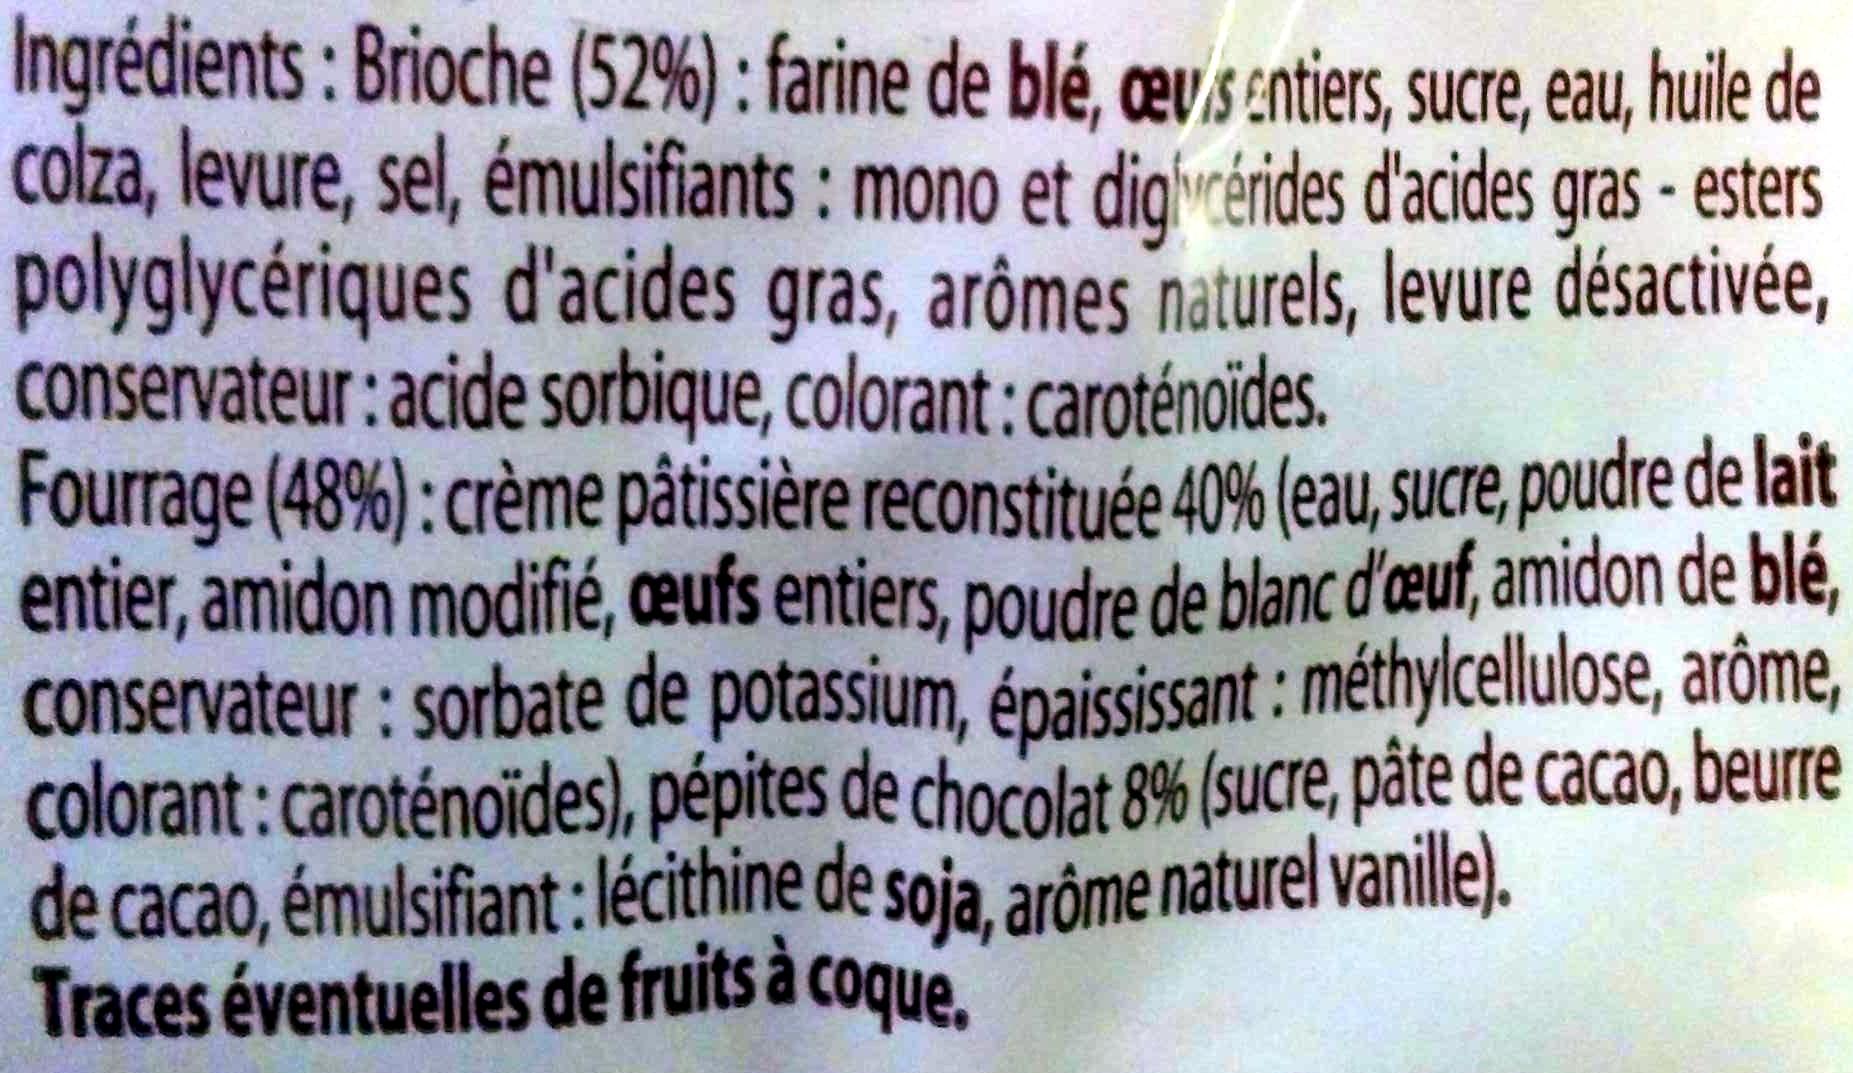 6 spiralo's chocolat - Ingredienti - fr